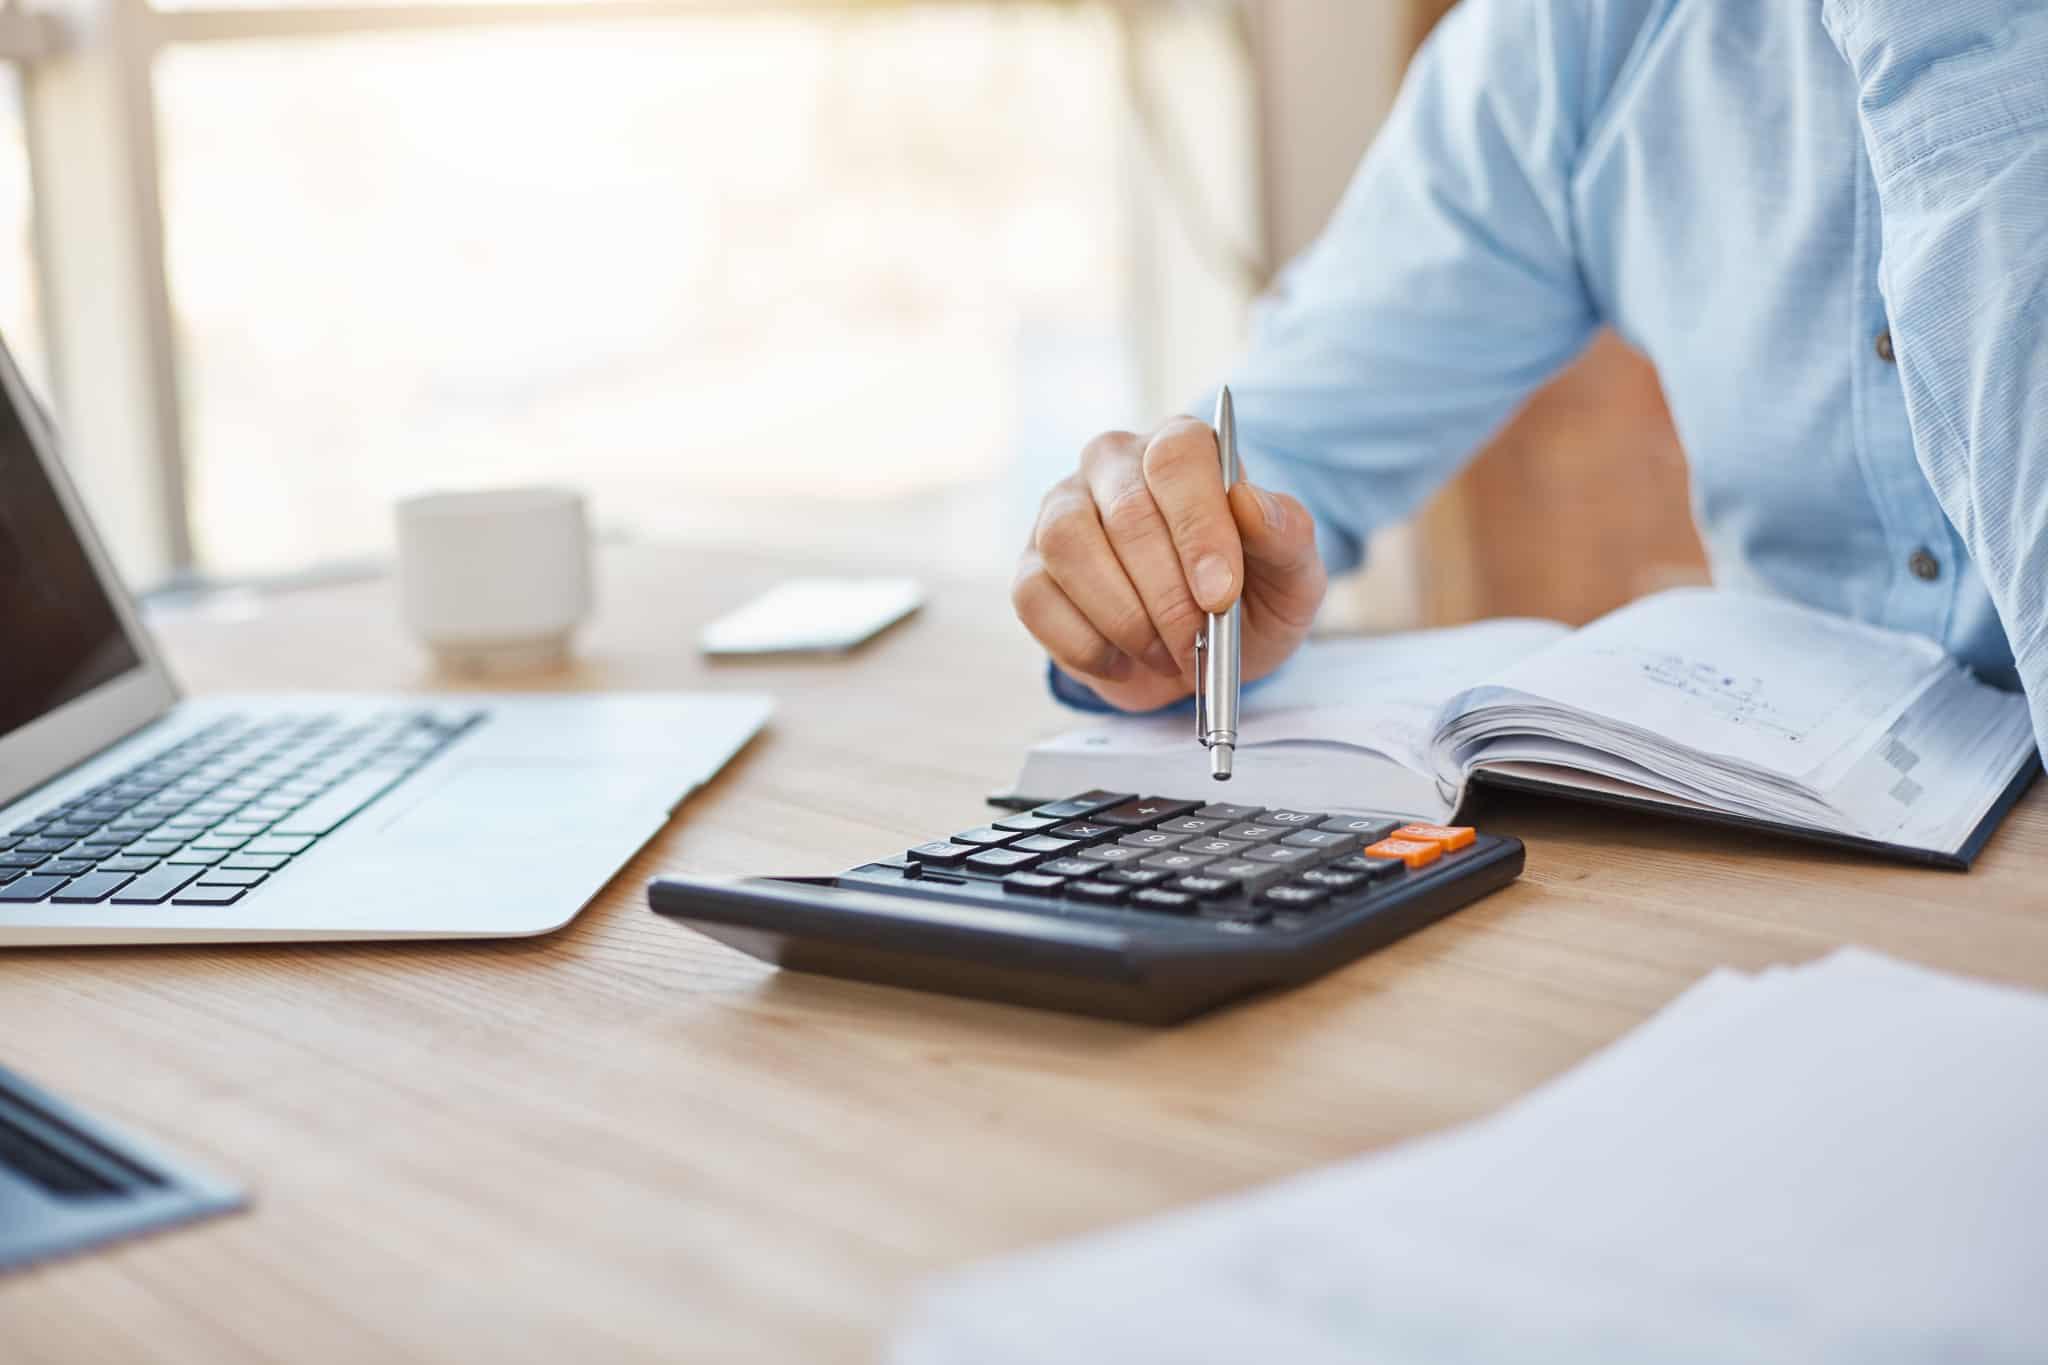 Pessoa simula subsidio de desemprego no site do Doutor Finanças